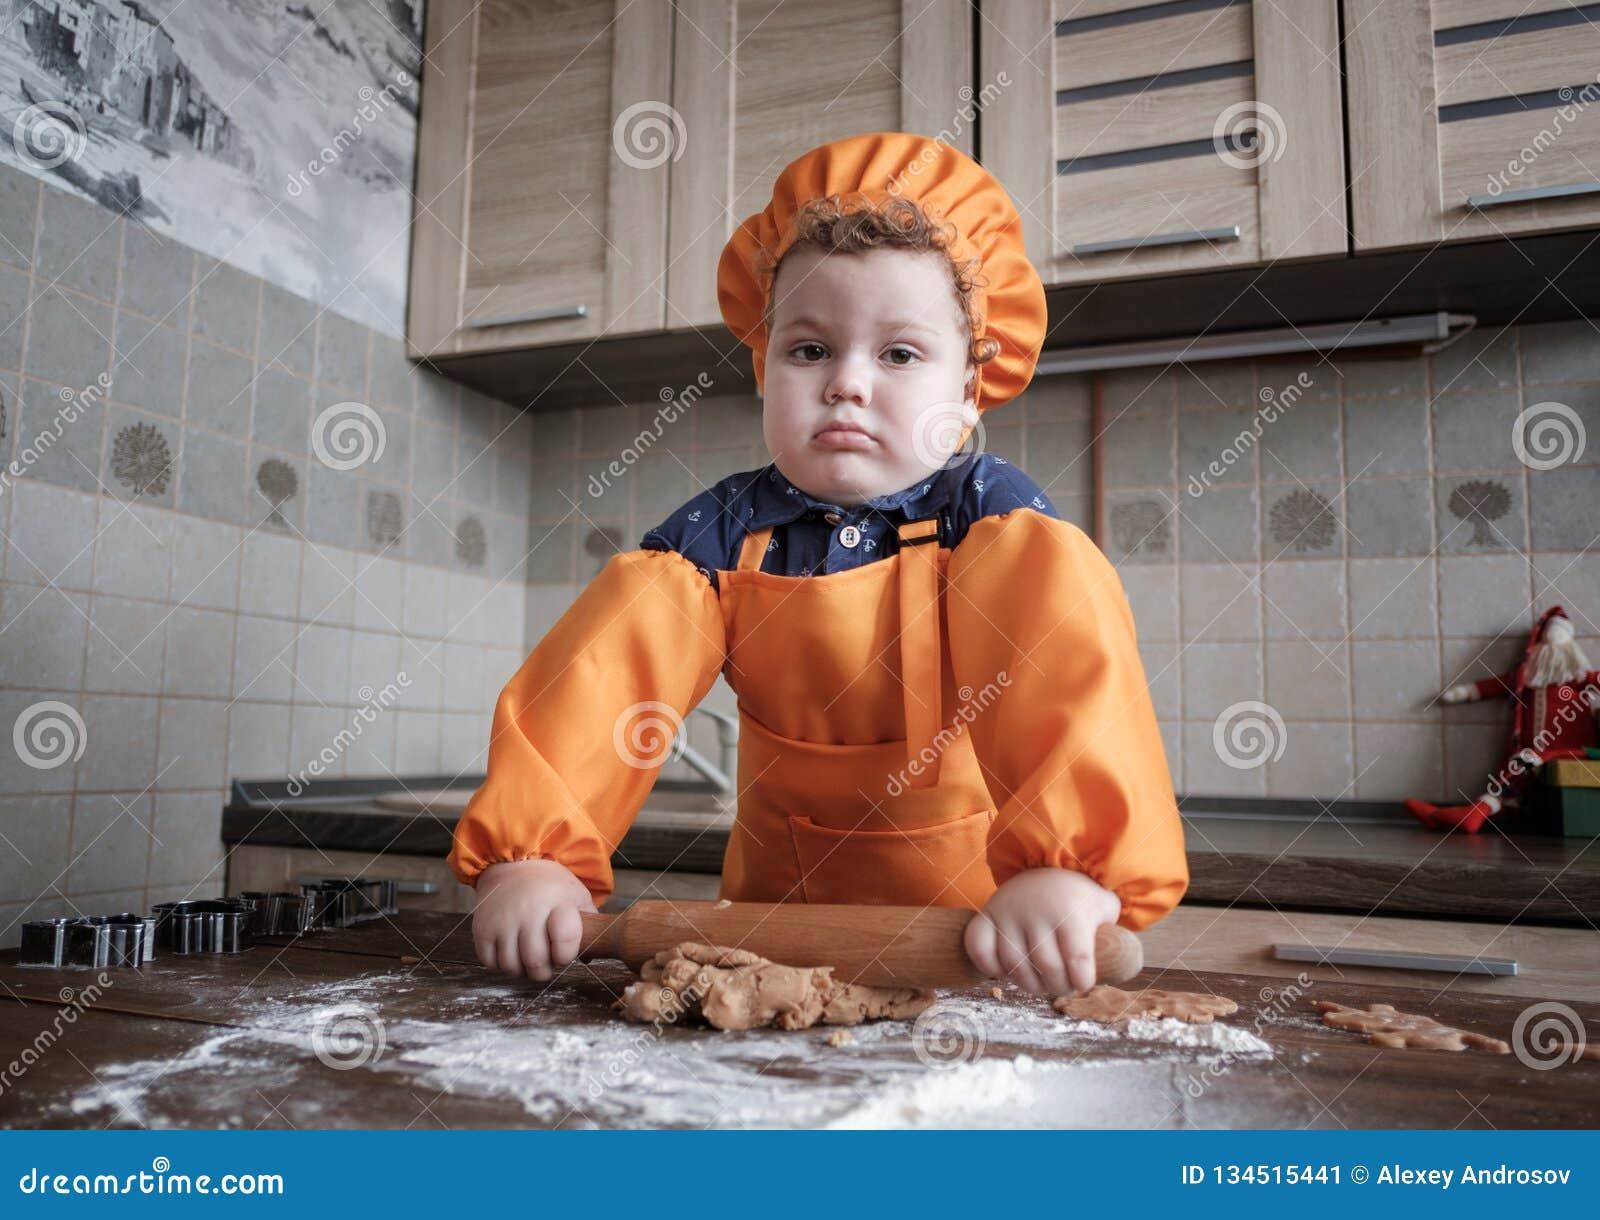 Το χαριτωμένο ευρωπαϊκό αγόρι σε ένα κοστούμι του μάγειρα κάνει τα μπισκότα πιπεροριζών